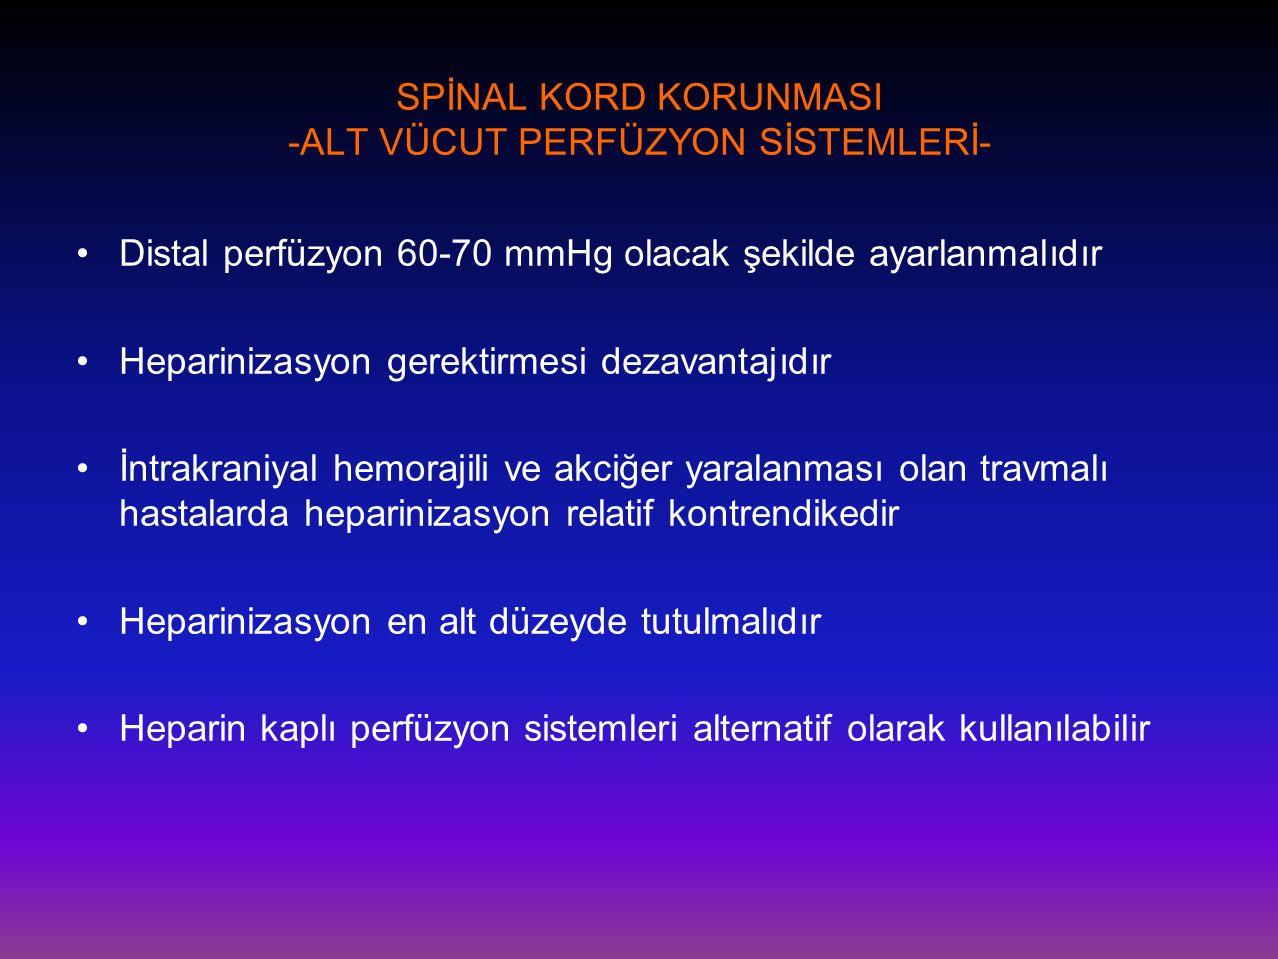 SPİNAL KORD KORUNMASI -ALT VÜCUT PERFÜZYON SİSTEMLERİ- •Distal perfüzyon 60-70 mmHg olacak şekilde ayarlanmalıdır •Heparinizasyon gerektirmesi dezavan